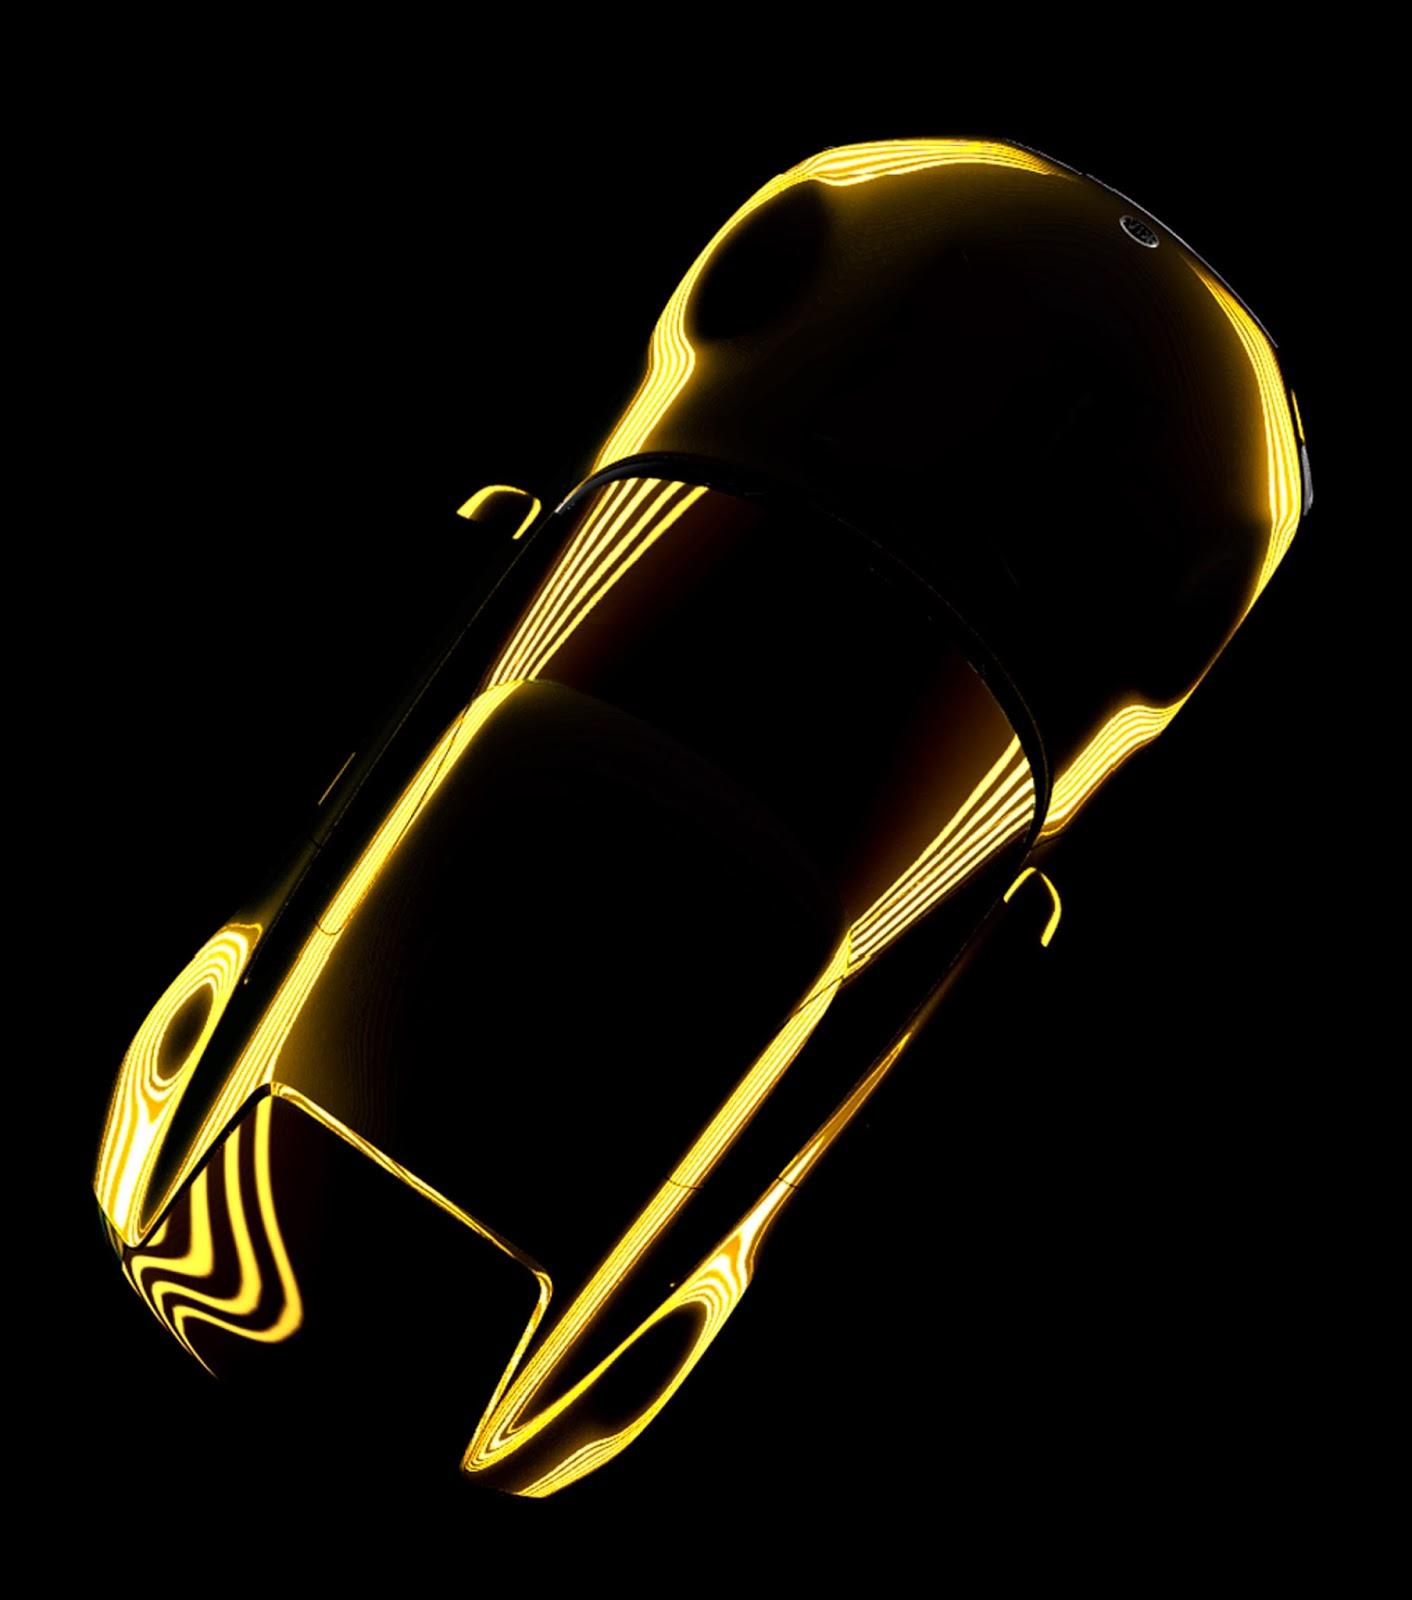 Kia Sportwagen-Studie feiert auf der North America International Auto Show (NAIAS) in Detroit ihre Weltpremiere